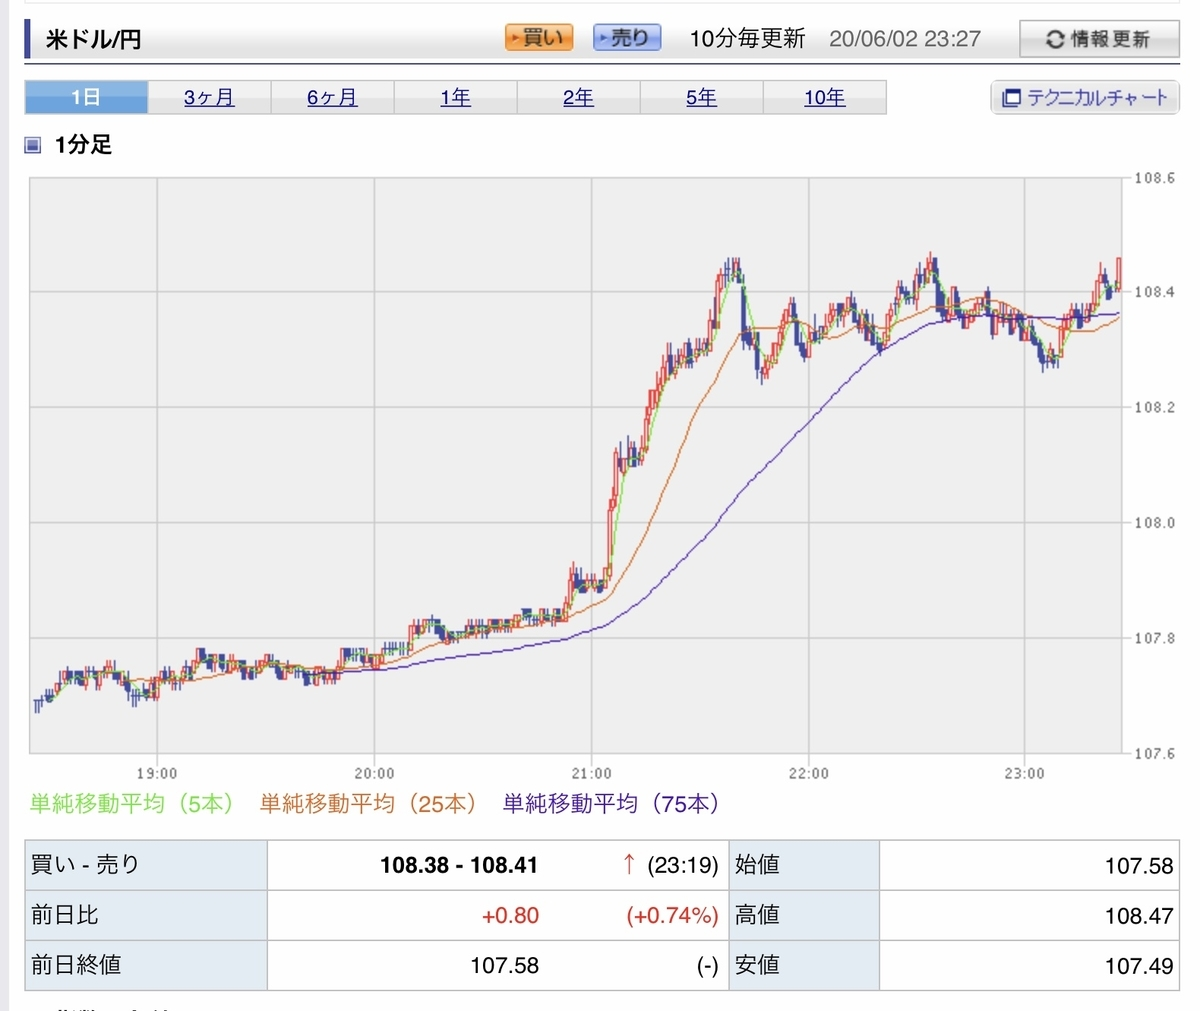 f:id:US-Stocks:20200602233403j:plain